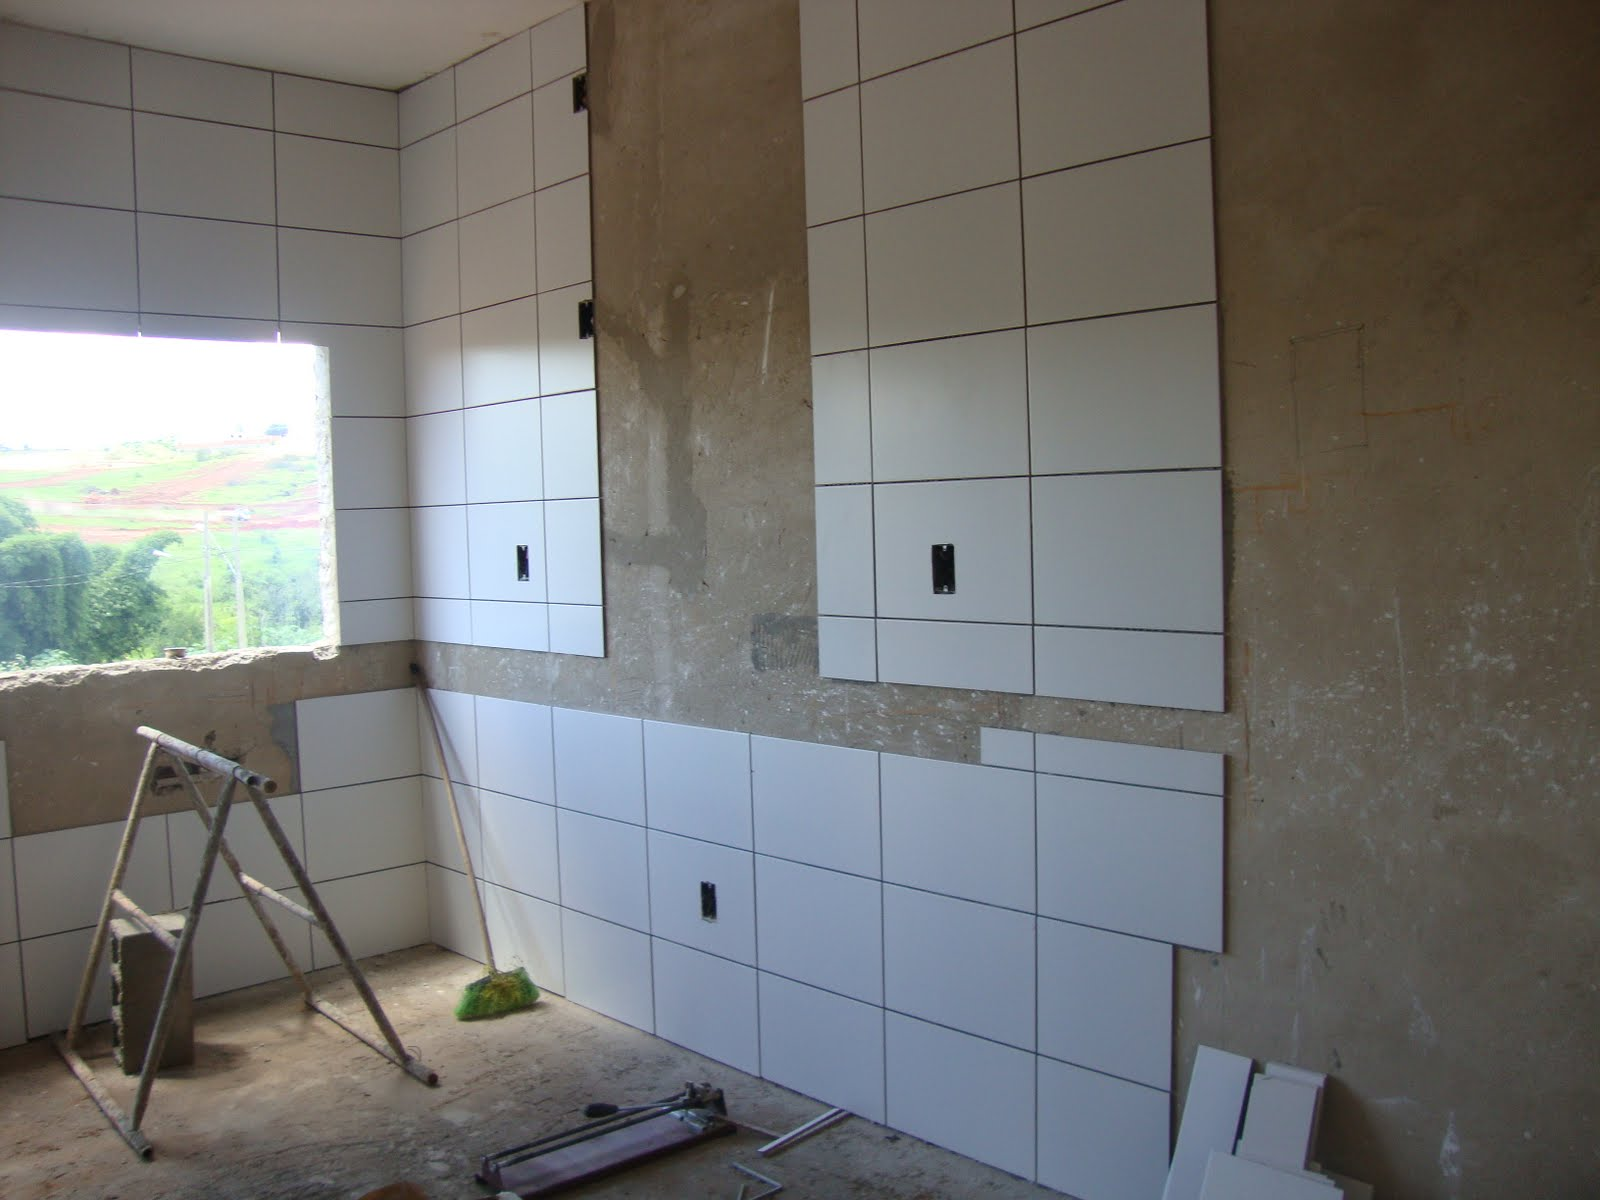 onde não tem azulejo é o espaço deixado para as pastilhas #4B6680 1600x1200 Banheiro Com Azulejo Pastilha